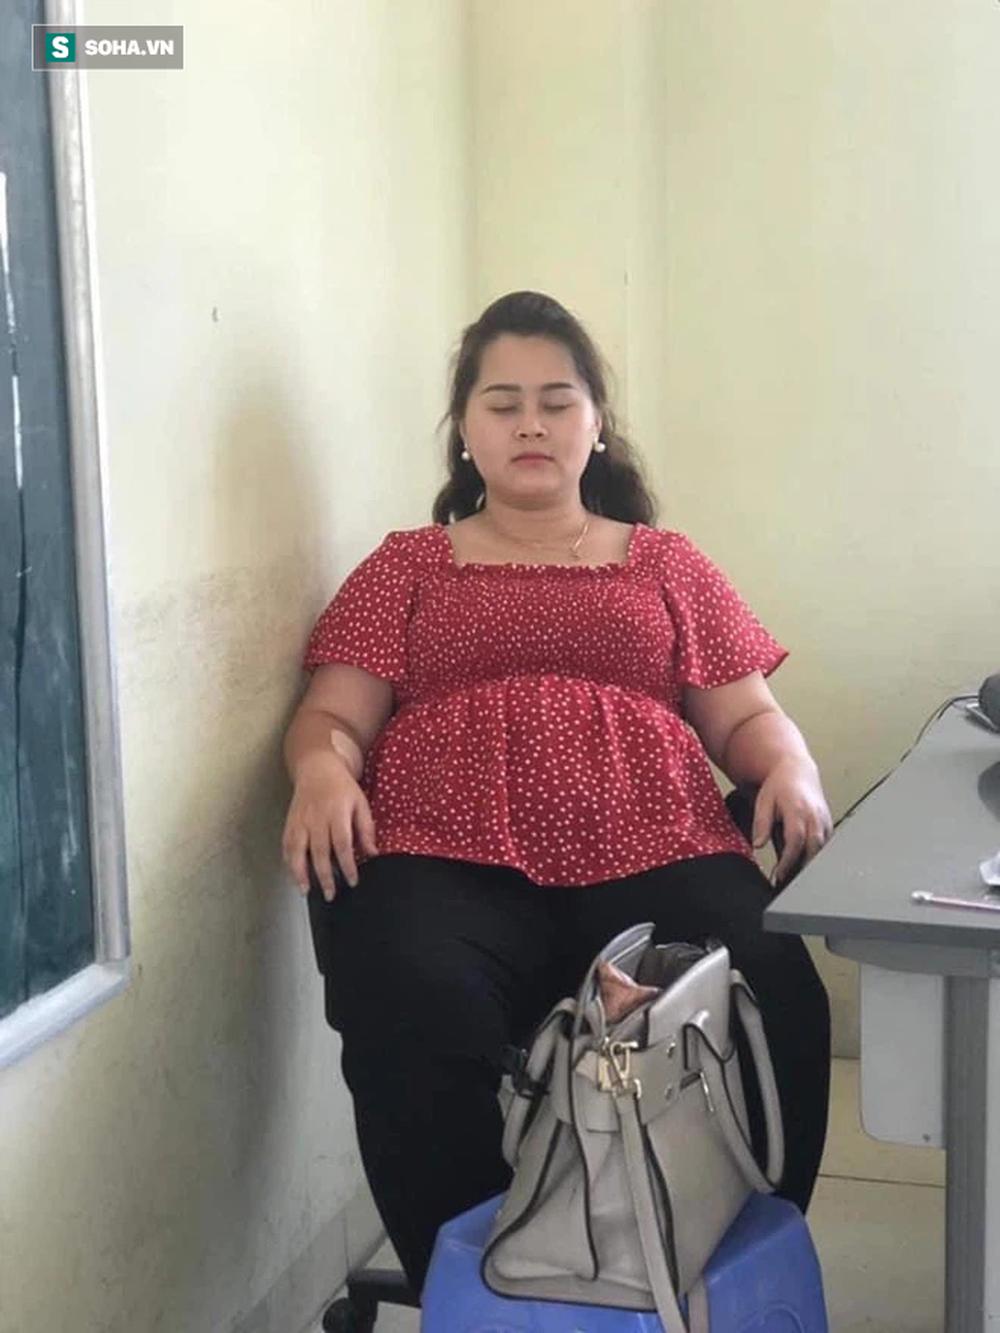 Giảm 34kg trong 1 năm, cô gái có màn lột xác ngoạn mục khiến người xung quanh không thể tin được - Ảnh 2.